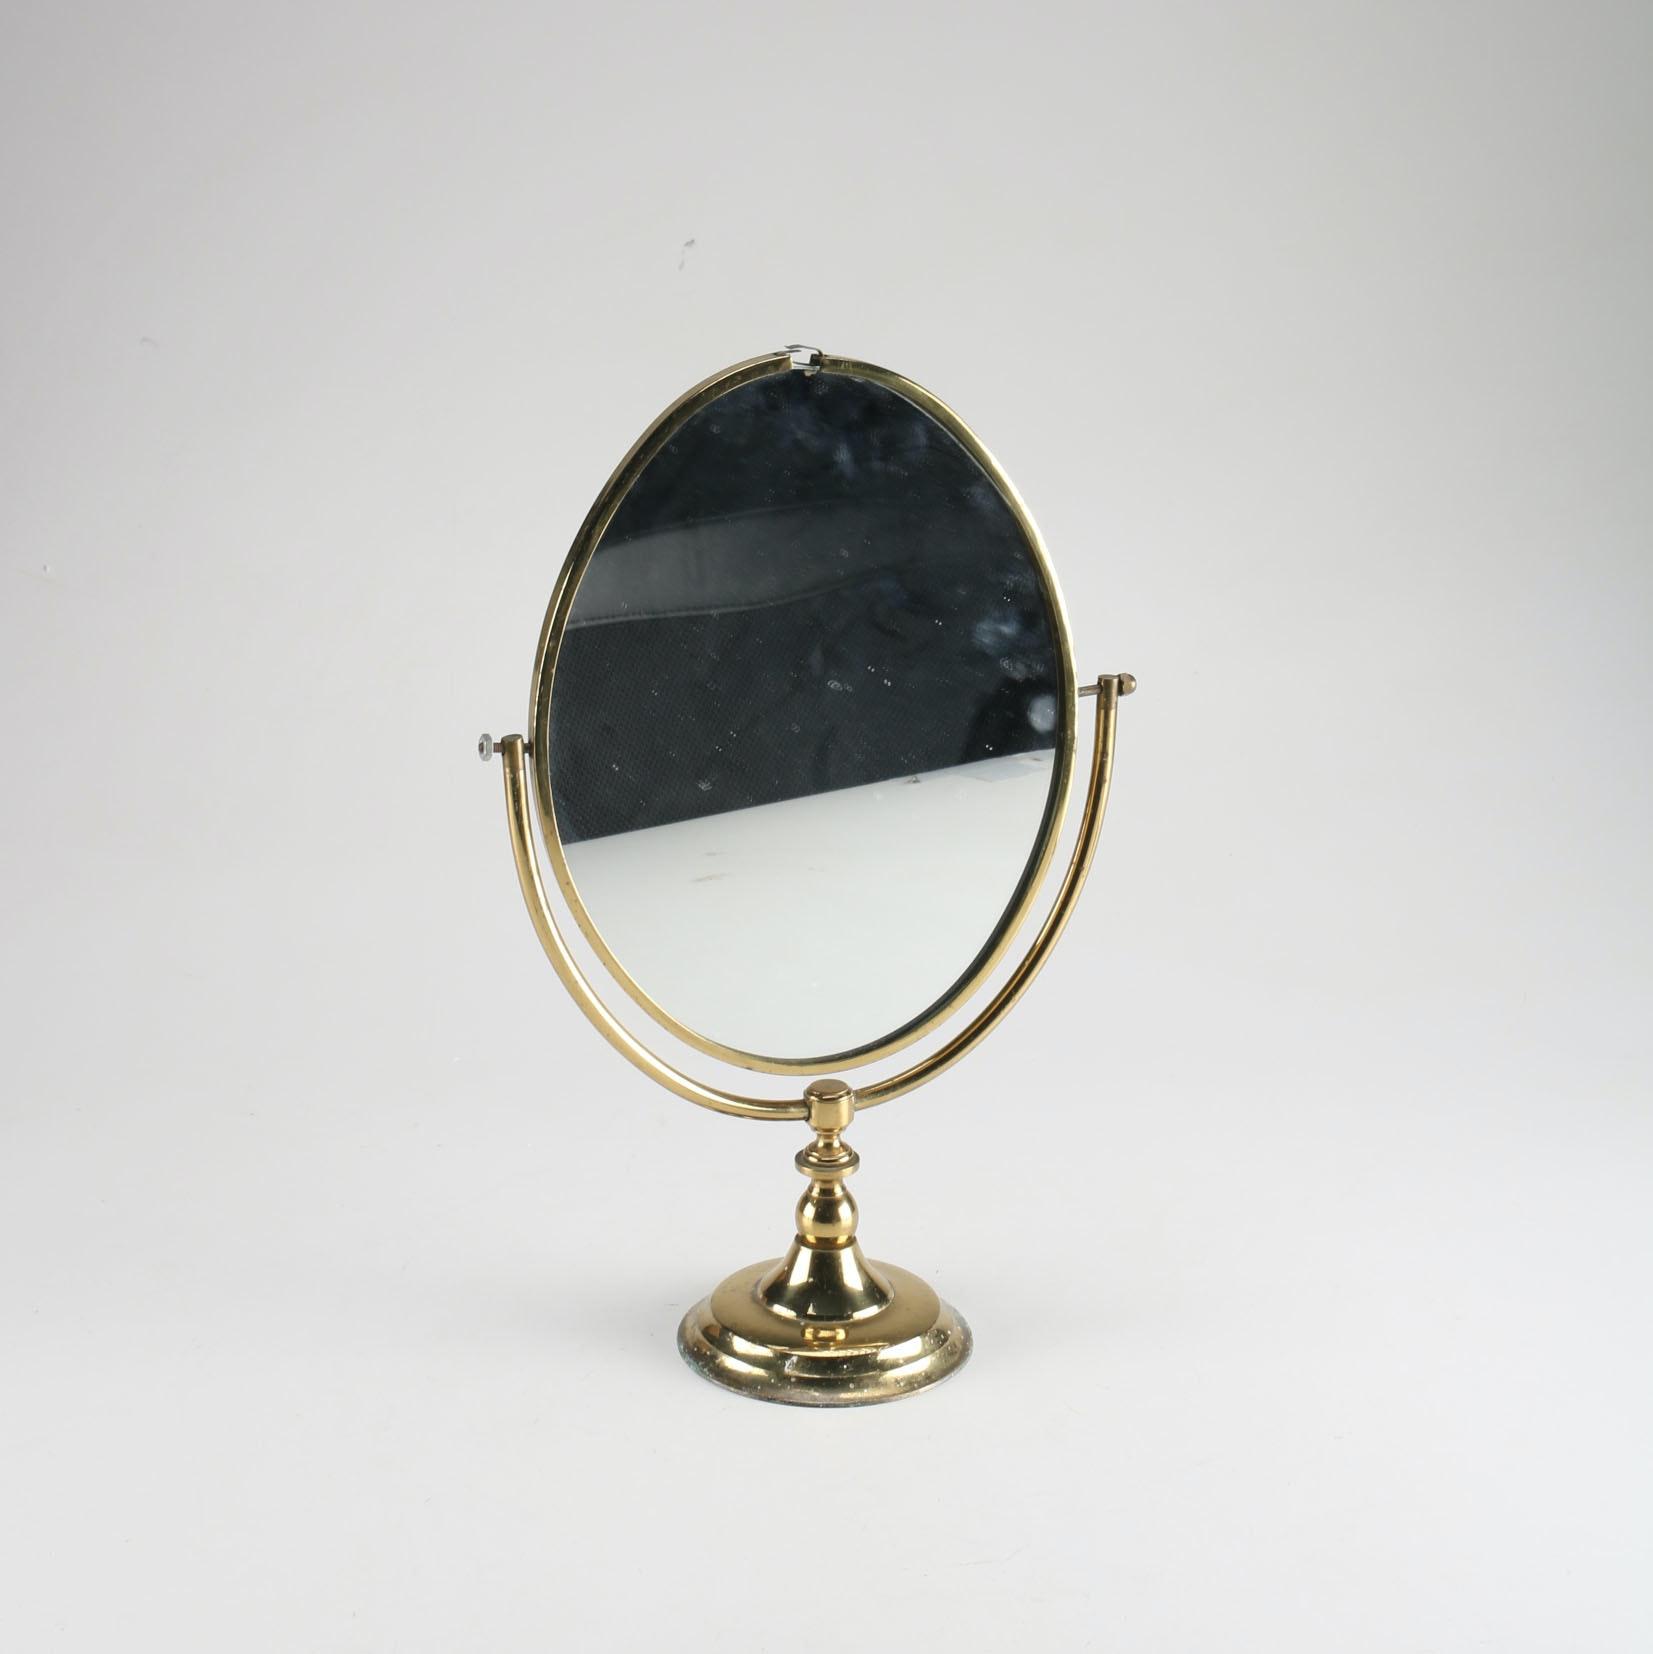 Small Vintage Oval Barbola Vanity Mirror Circa 1920s